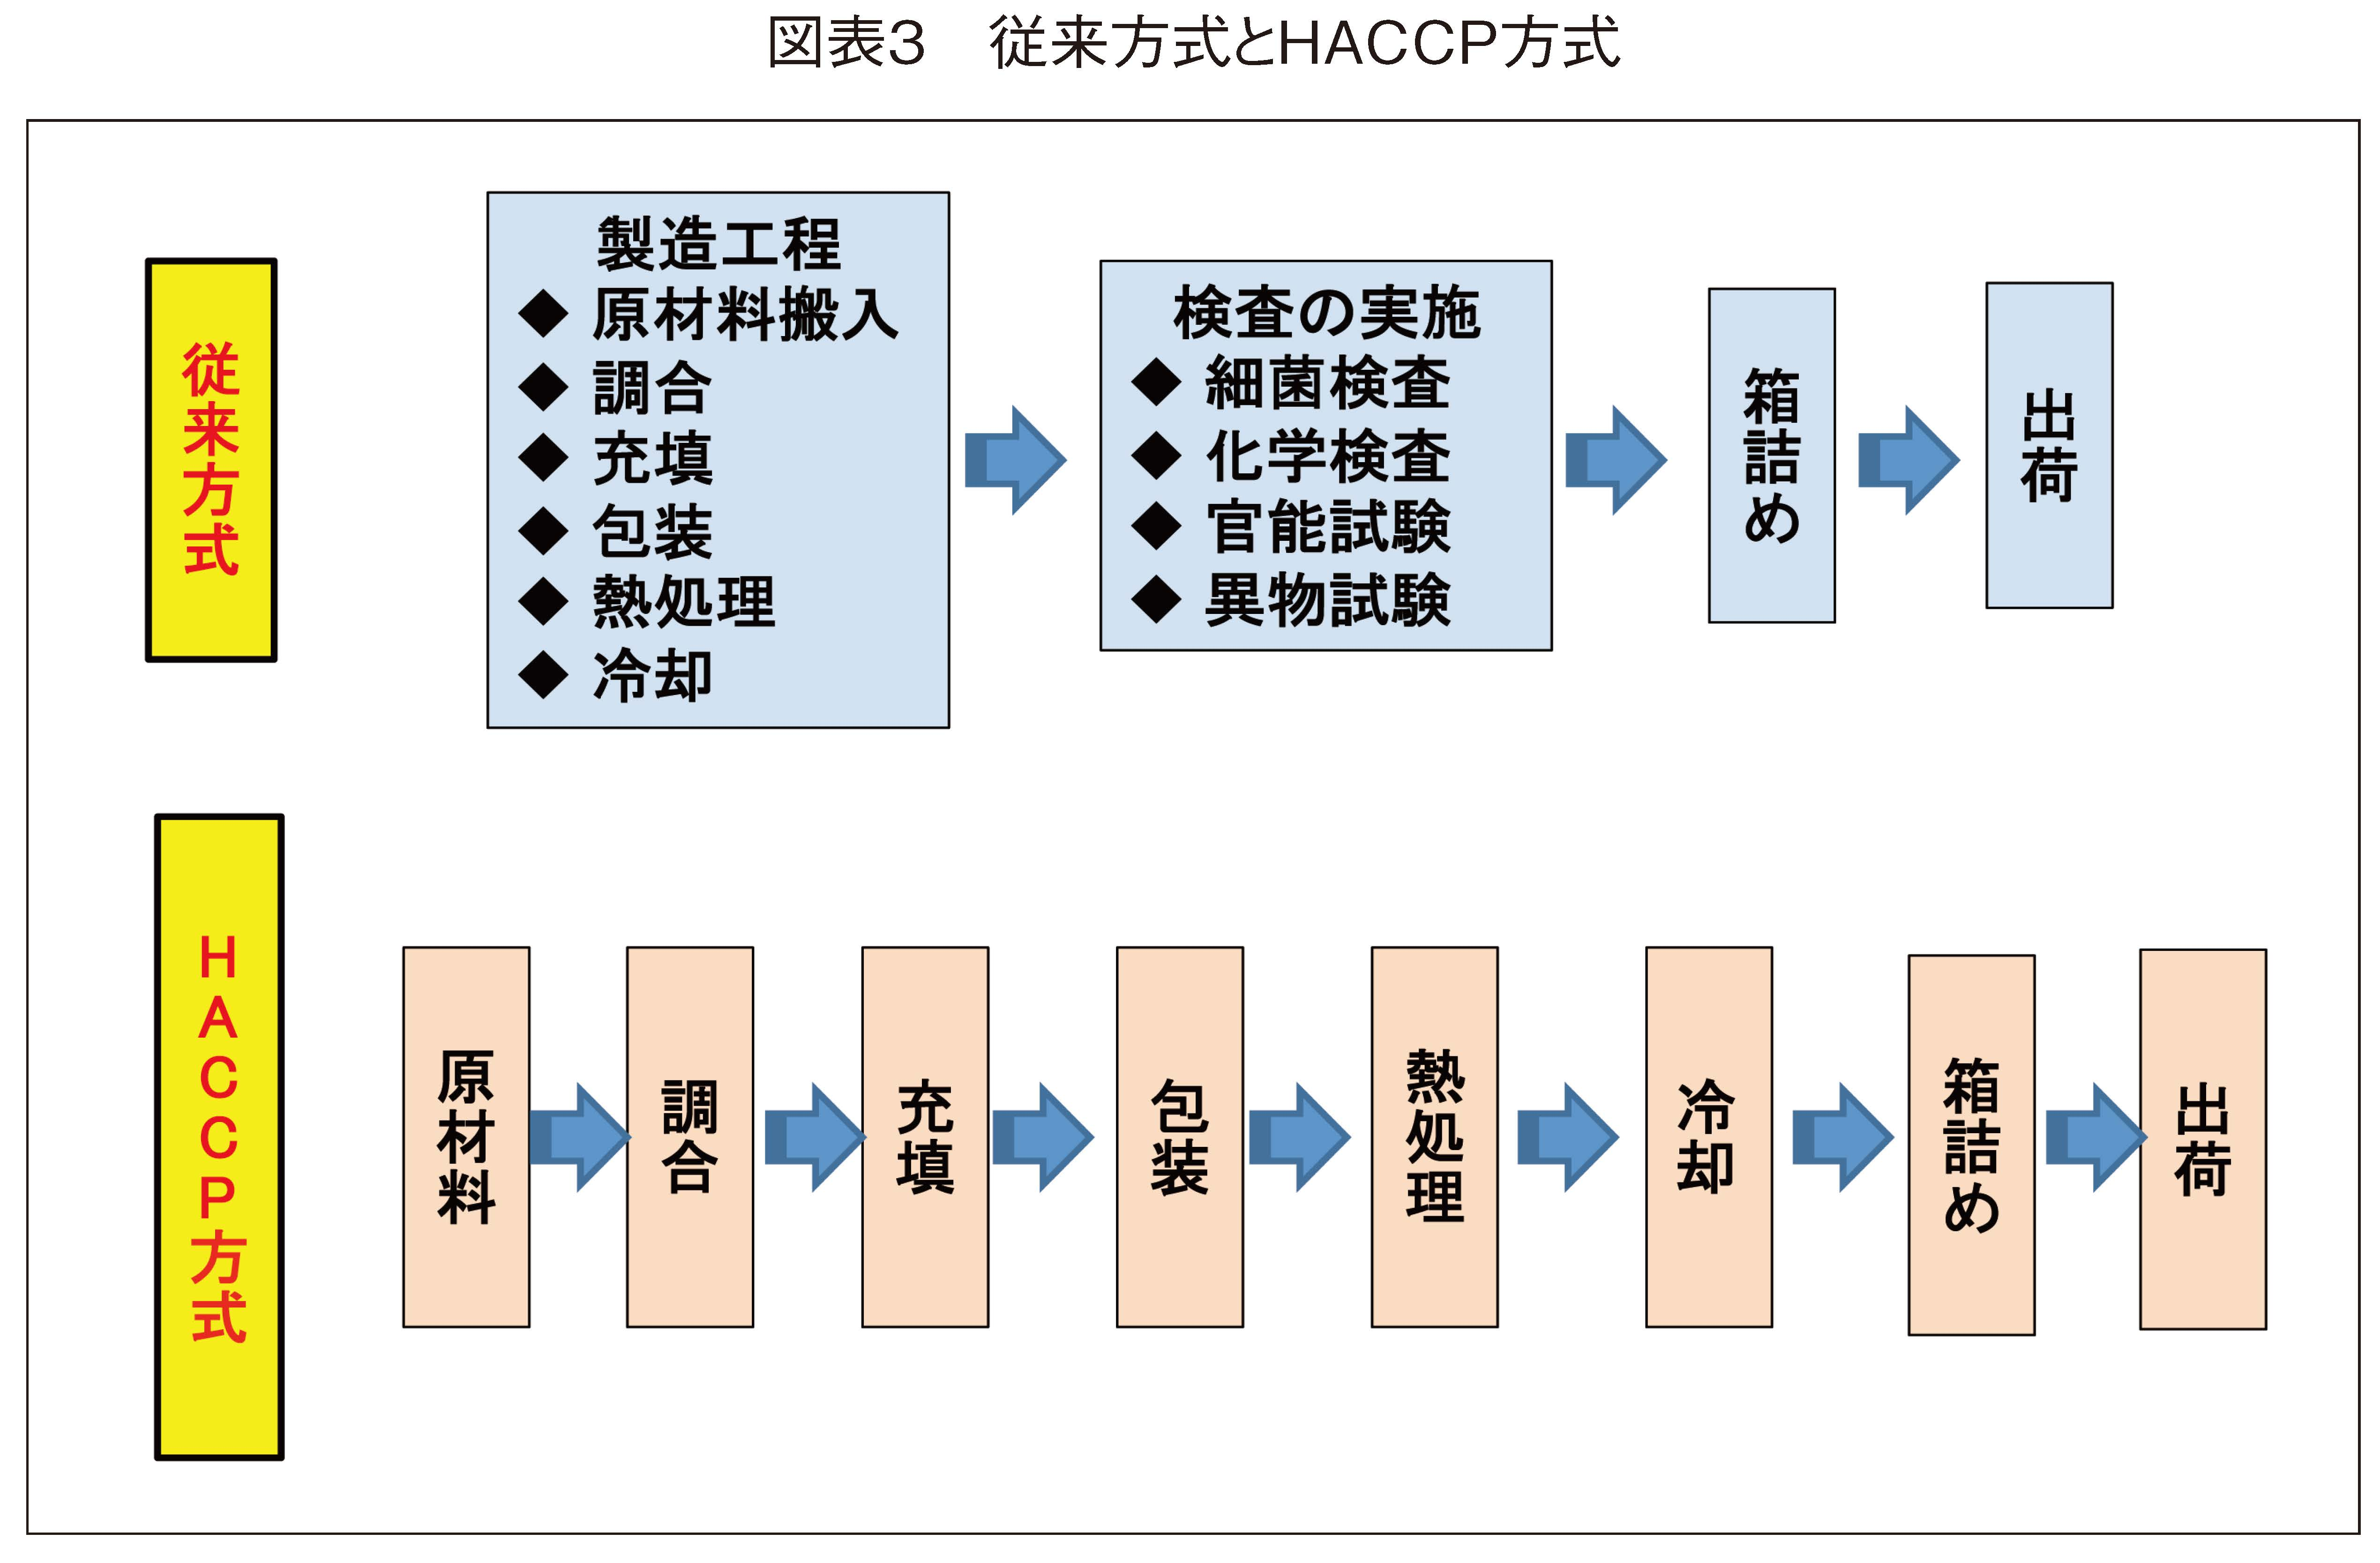 従来方式とHACCP方式